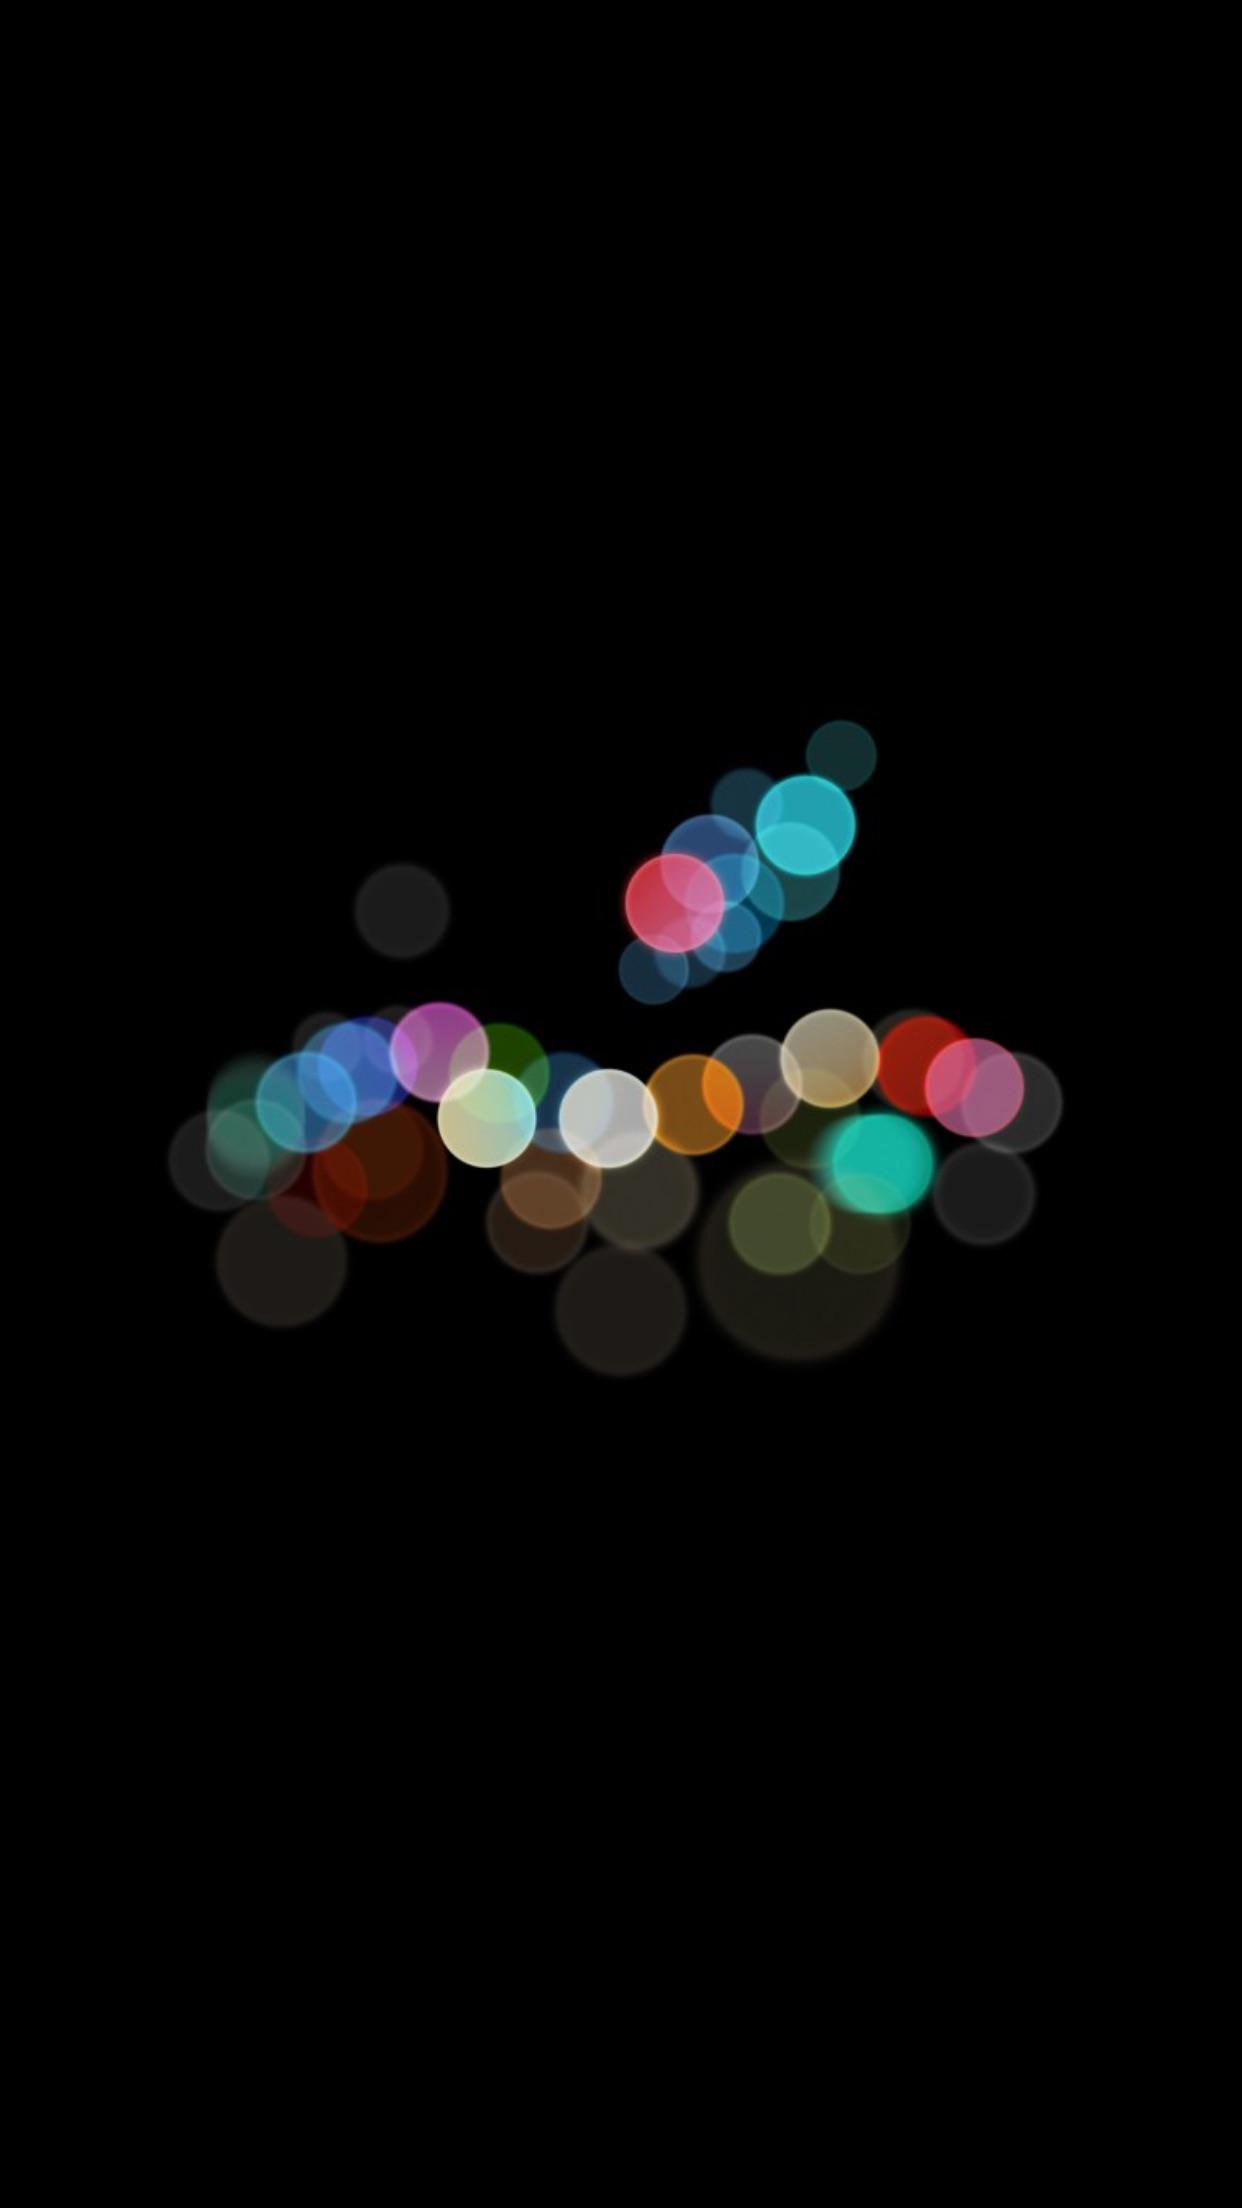 September-7-event-wallpaper-apple-alex-willum